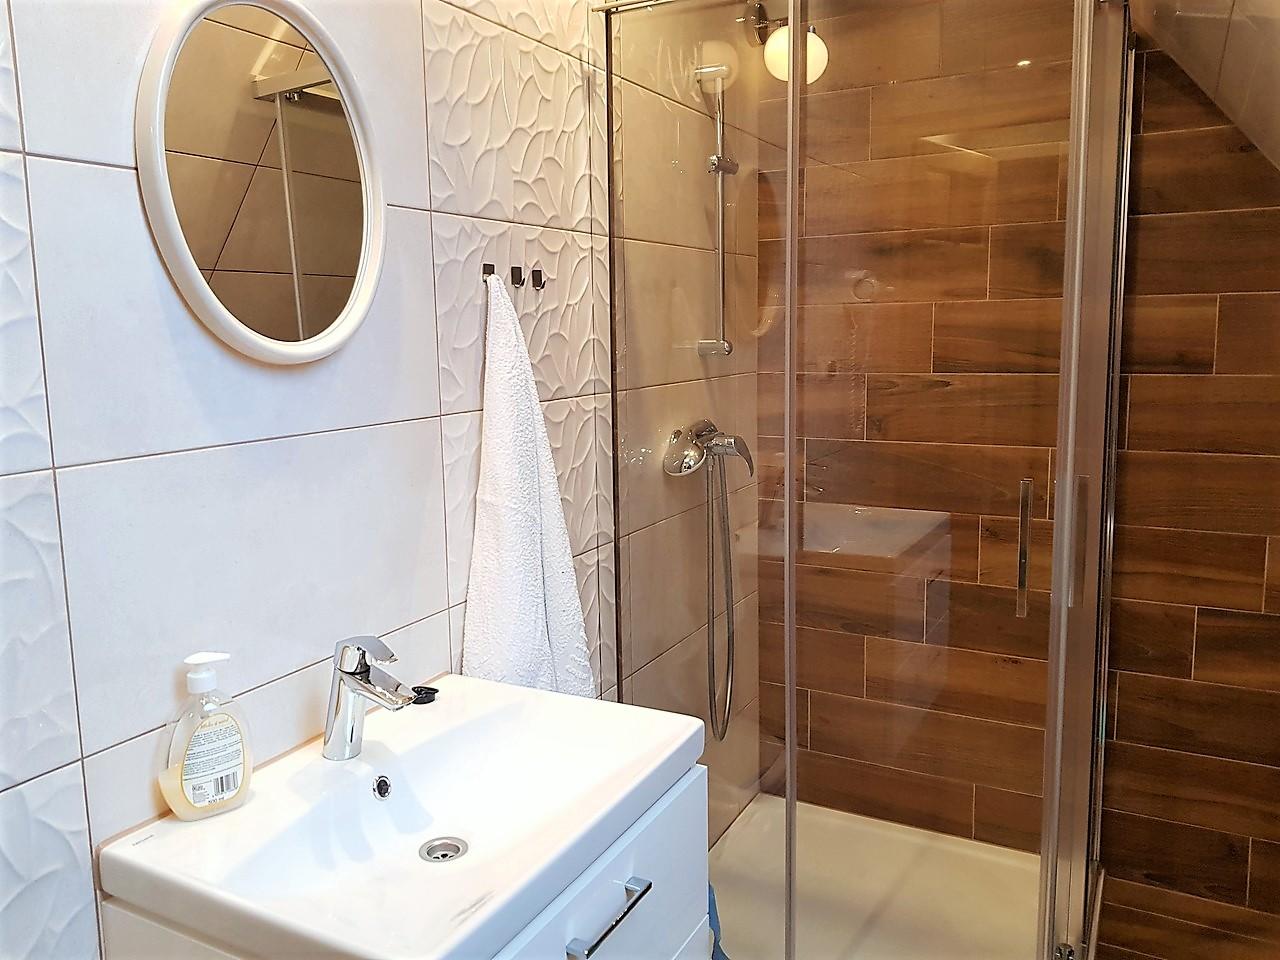 pokoje zakopane 5 łazienka (2)